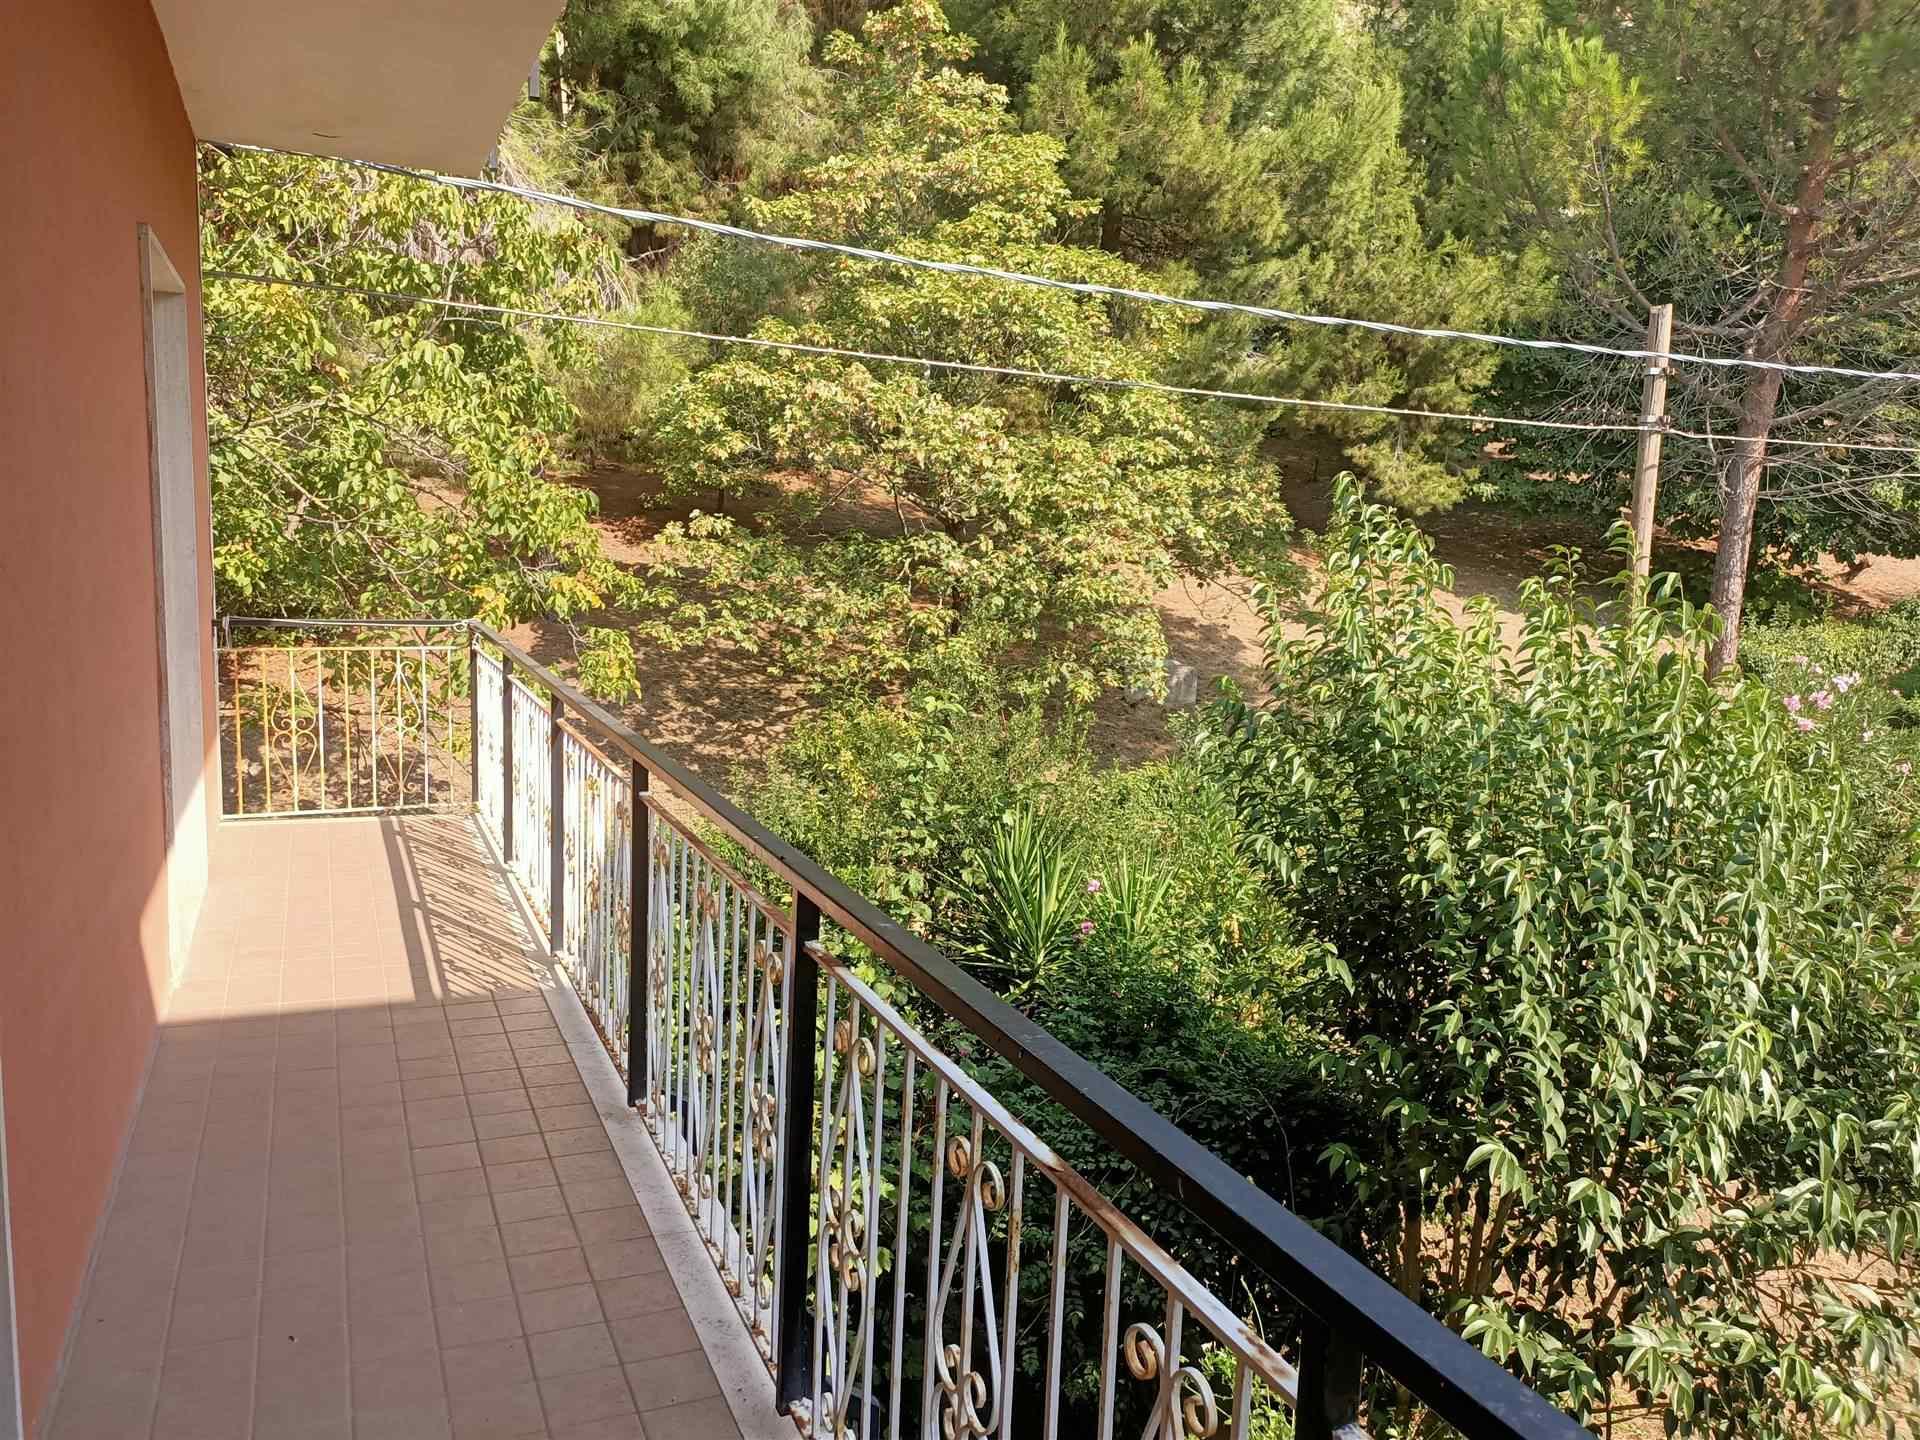 OSIMO, Wohnung zu verkaufen von 90 Qm, Renovierungsbeduerftig, Heizung Unabhaengig, Energie-klasse: G, Epi: 175 kwh/m2 jahr, am boden 2° auf 3,